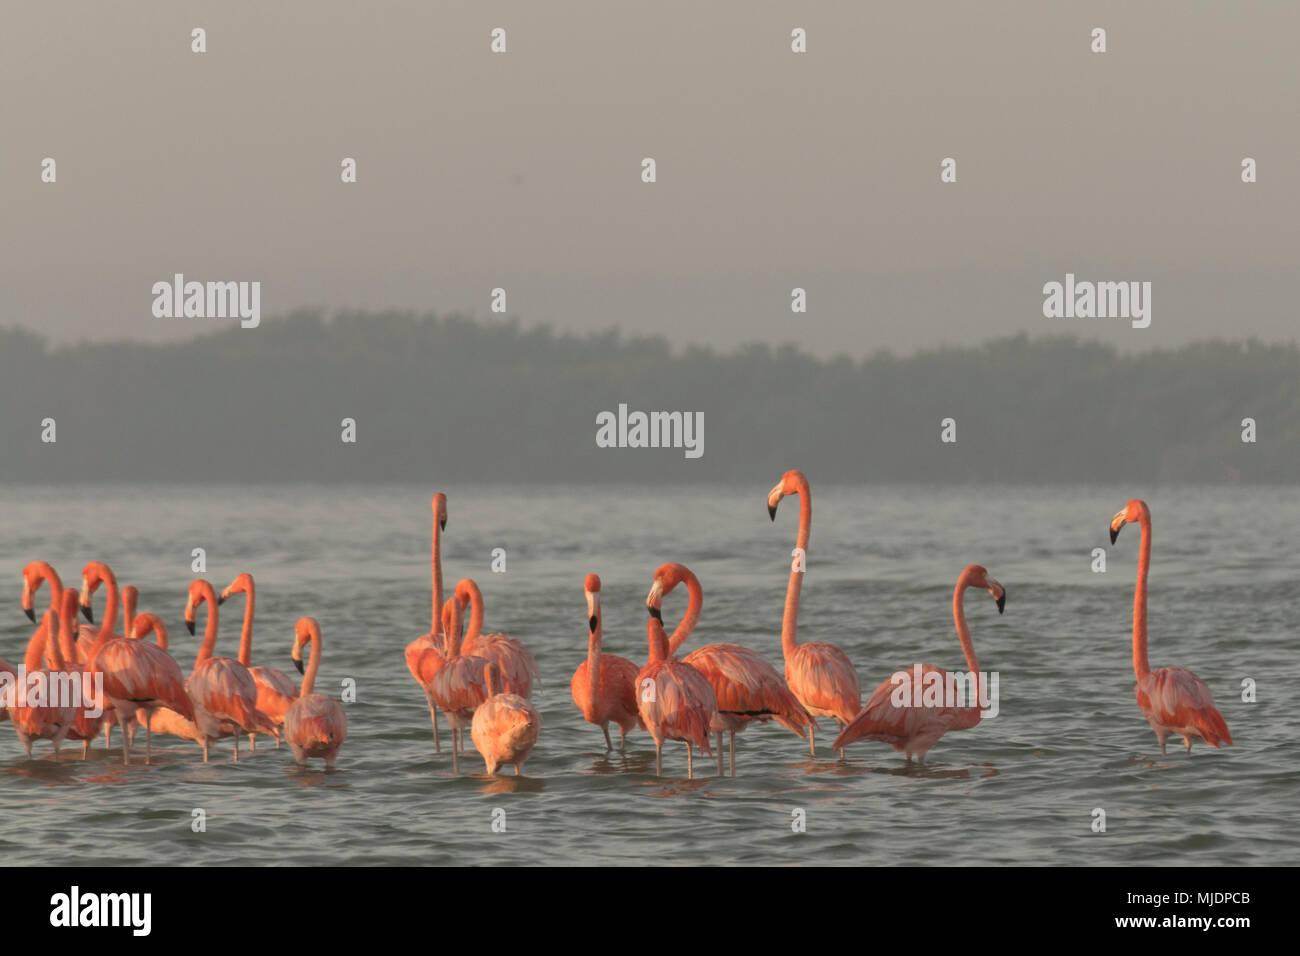 La famille des flamants roses à l'aube. Flamants Roses se rassemblent à l'aube avant de commencer la journée dans la rivière Photo Stock